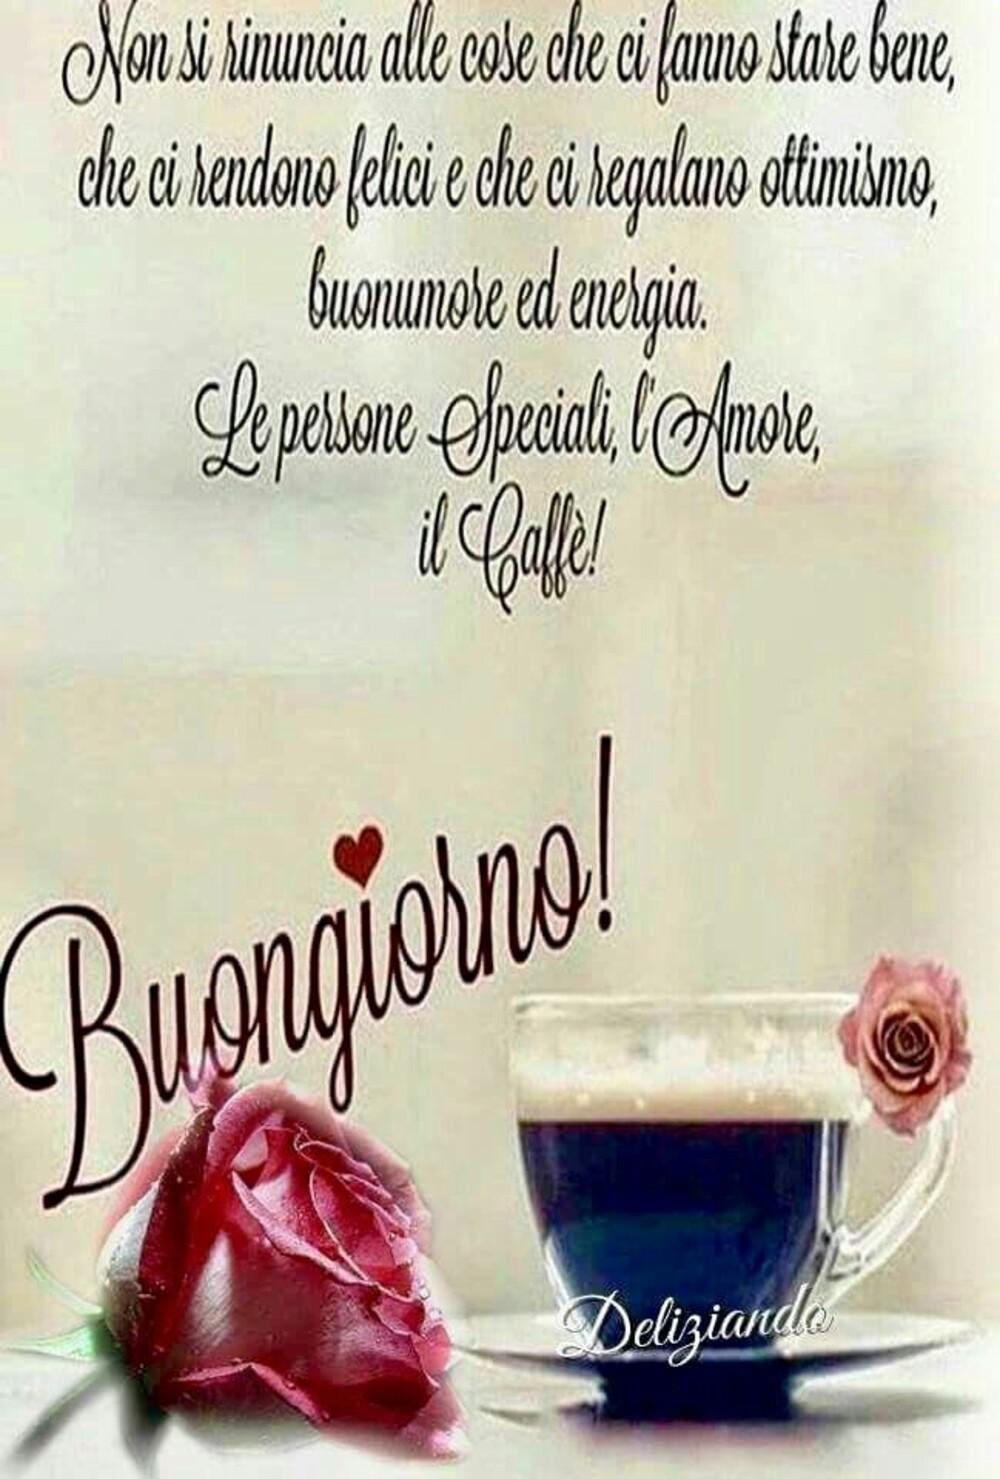 """""""Non si rinuncia alle cose che ci fanno stare bene, che ci rendono felici e che ci regalano ottimismo, buonumore ed energia. Le Persone Speciali, l'Amore e il Caffè! Buongiorno!"""""""